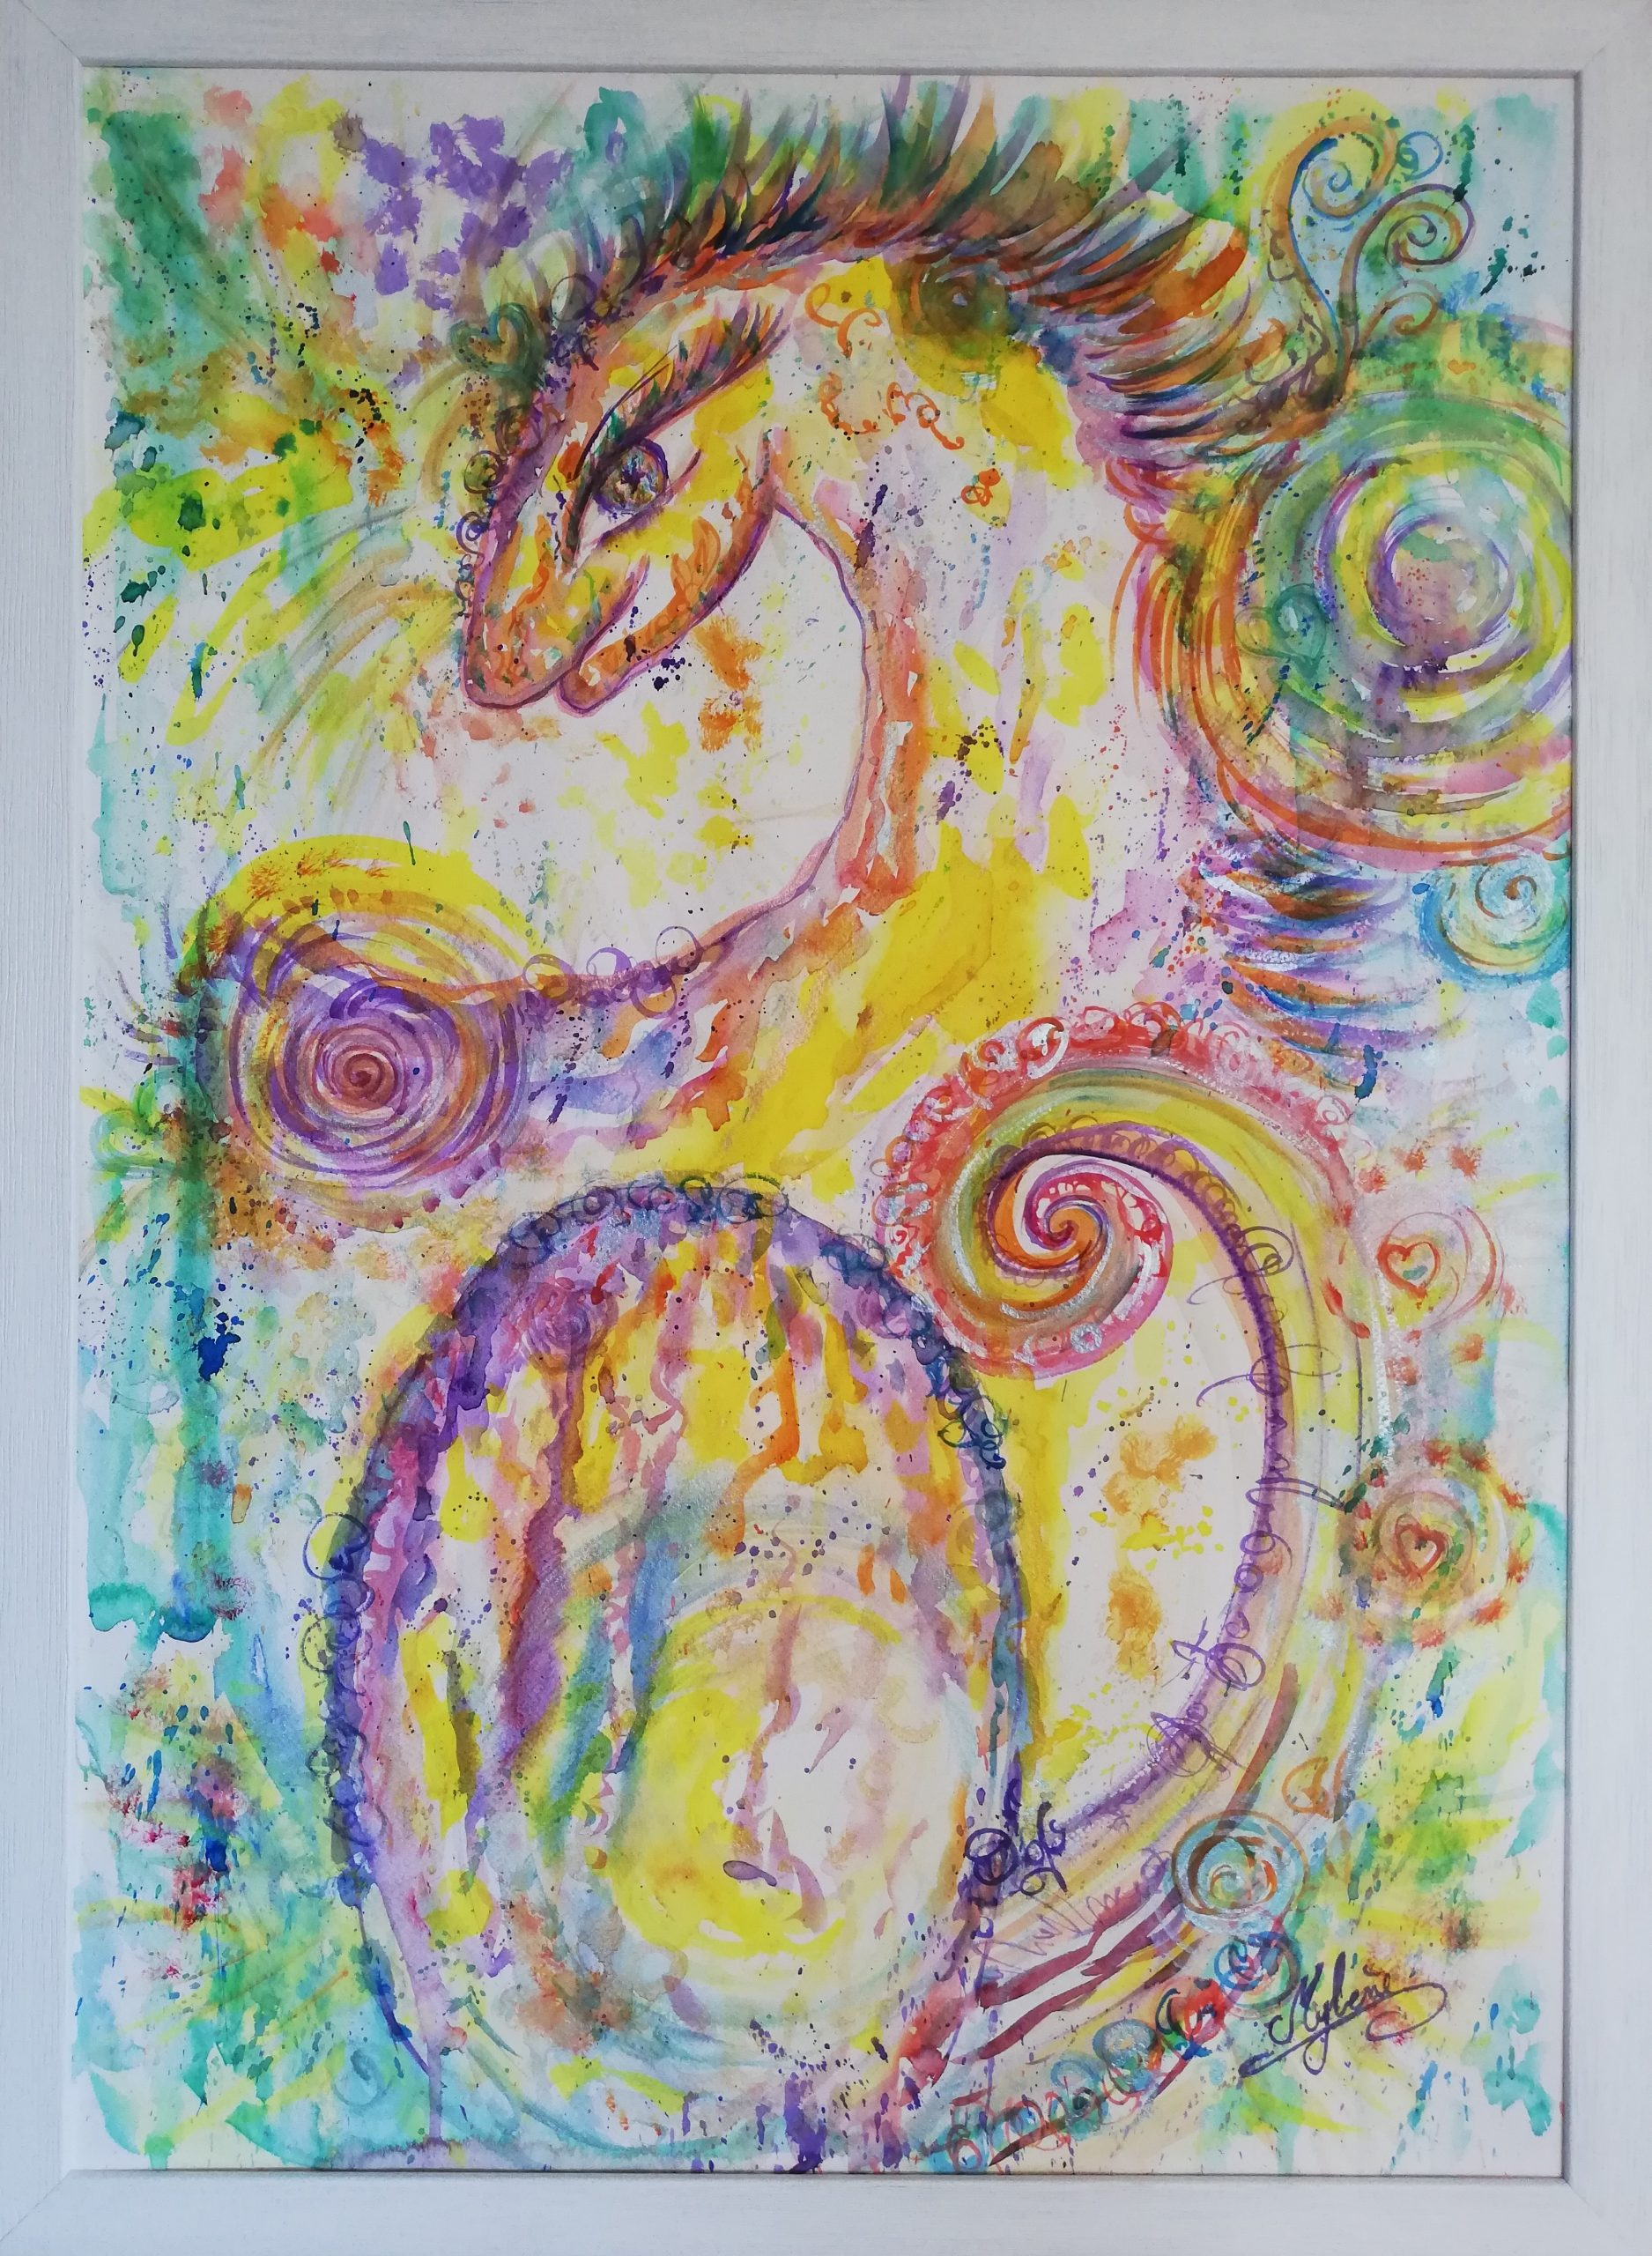 dragon, peinture énergétique, aquarelle, dragonne, maman, mère, oeuf, joie, amour, couleurs, magie, l'âme agit